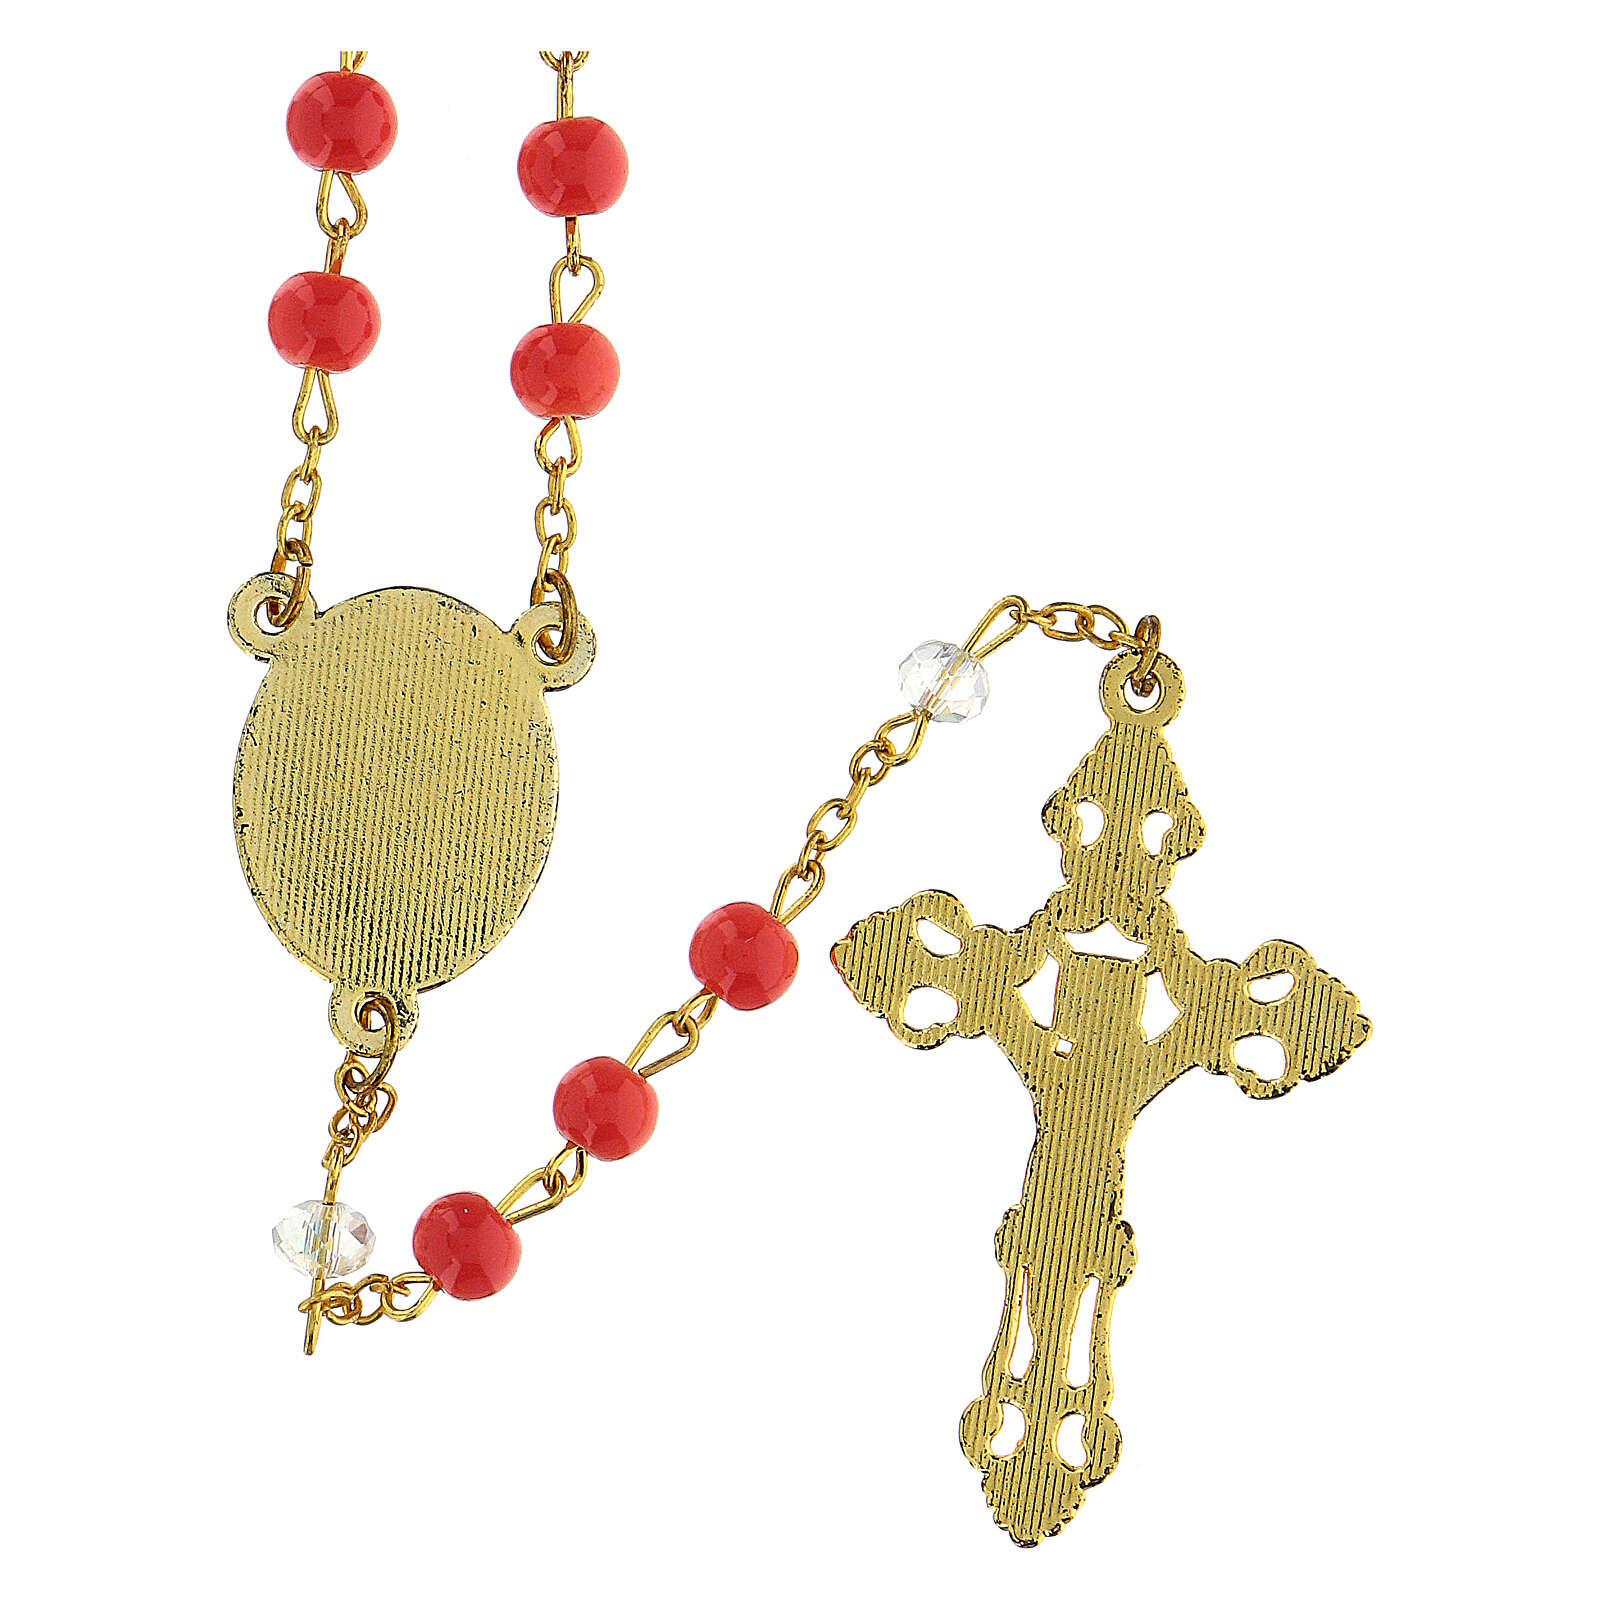 Różaniec Matka Boża z Góry Karmel koraliki 6 mm - Kolekcja Korony Wiary 7/47 4